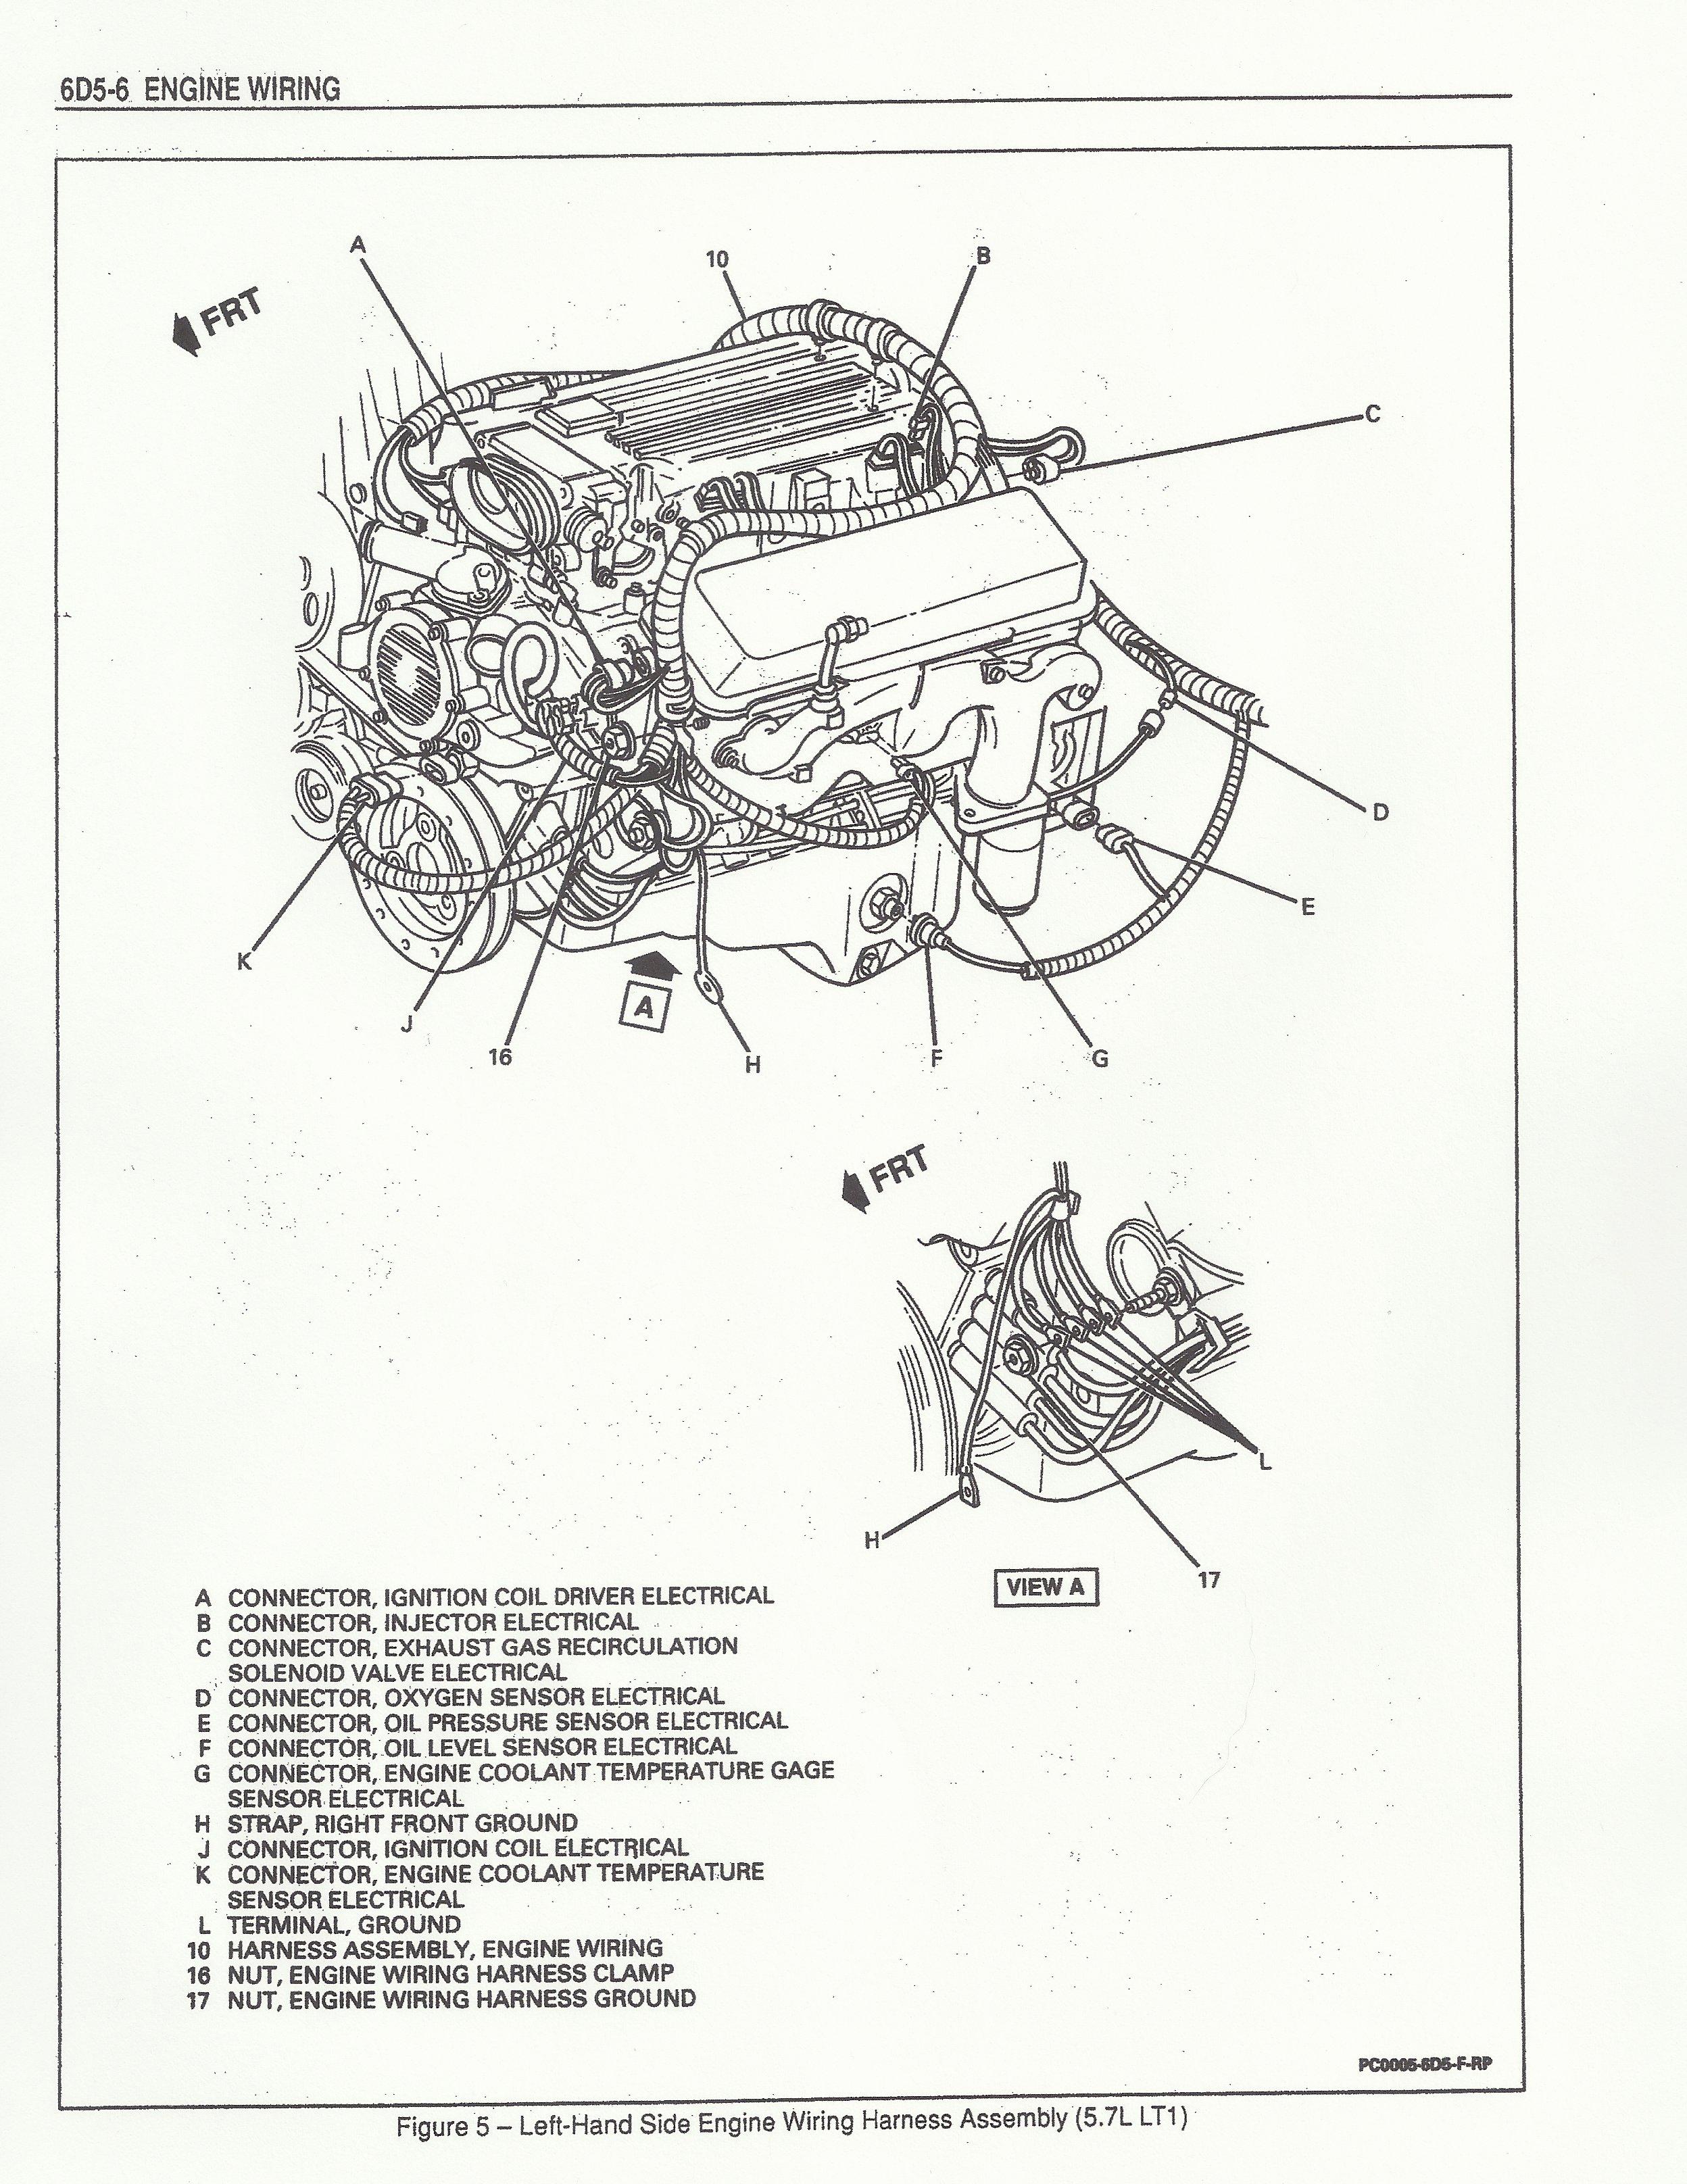 1995 Lt1 Wiring Harness Diagram Schematic | Wiring Liry  Lt Wiring Harness on 1995 lt1 camshaft, 1995 engine harness, 1995 lt1 corvette engine, 1995 camaro wiring harness, 1995 corvette wiring harness, 1995 lt1 swap,